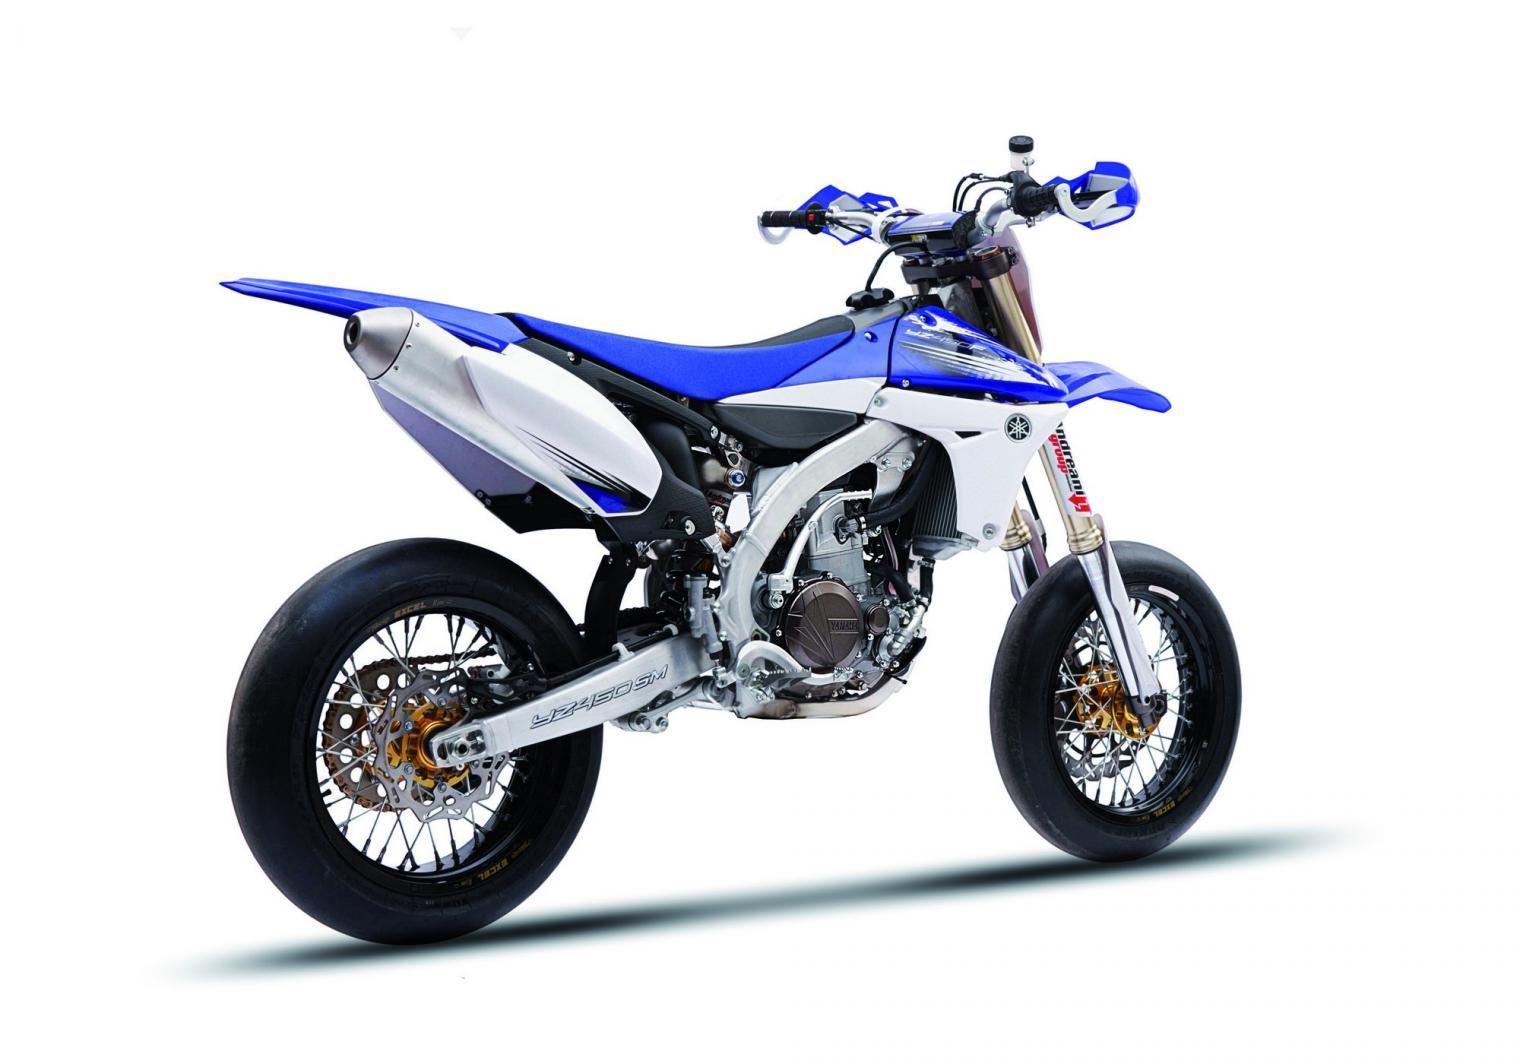 Yamaha Supermoto Bing Images